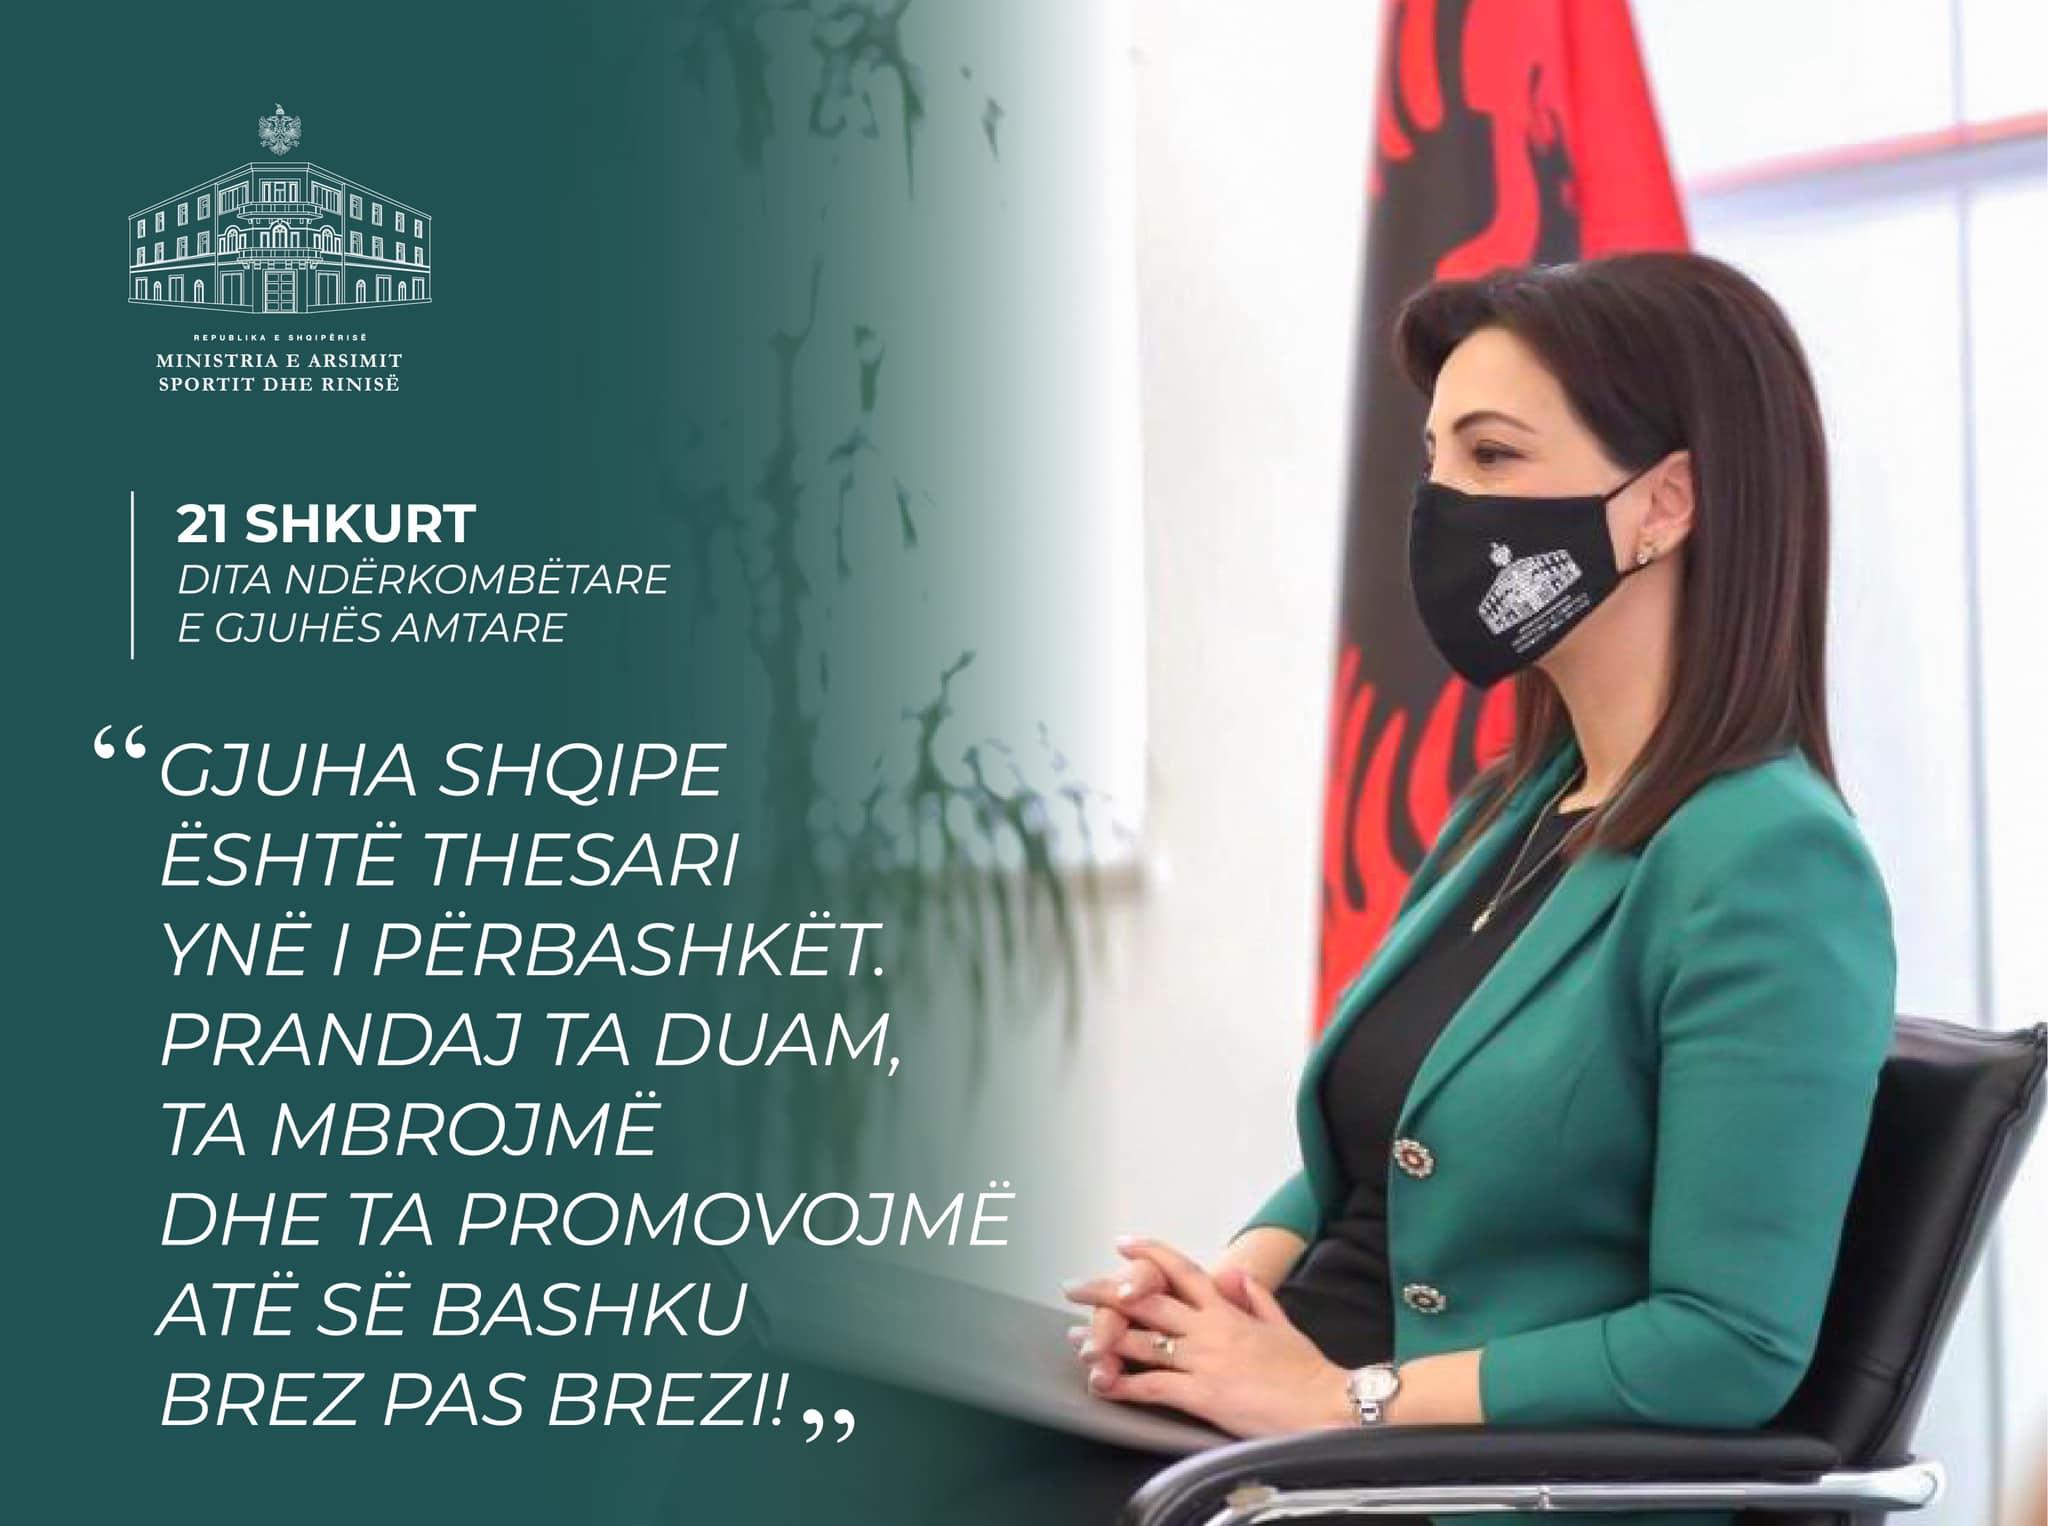 Dita Ndërkombëtare e Gjuhës Amtare, Kushi: Thesar i përbashkët, ta promovojmë brez pas brezi